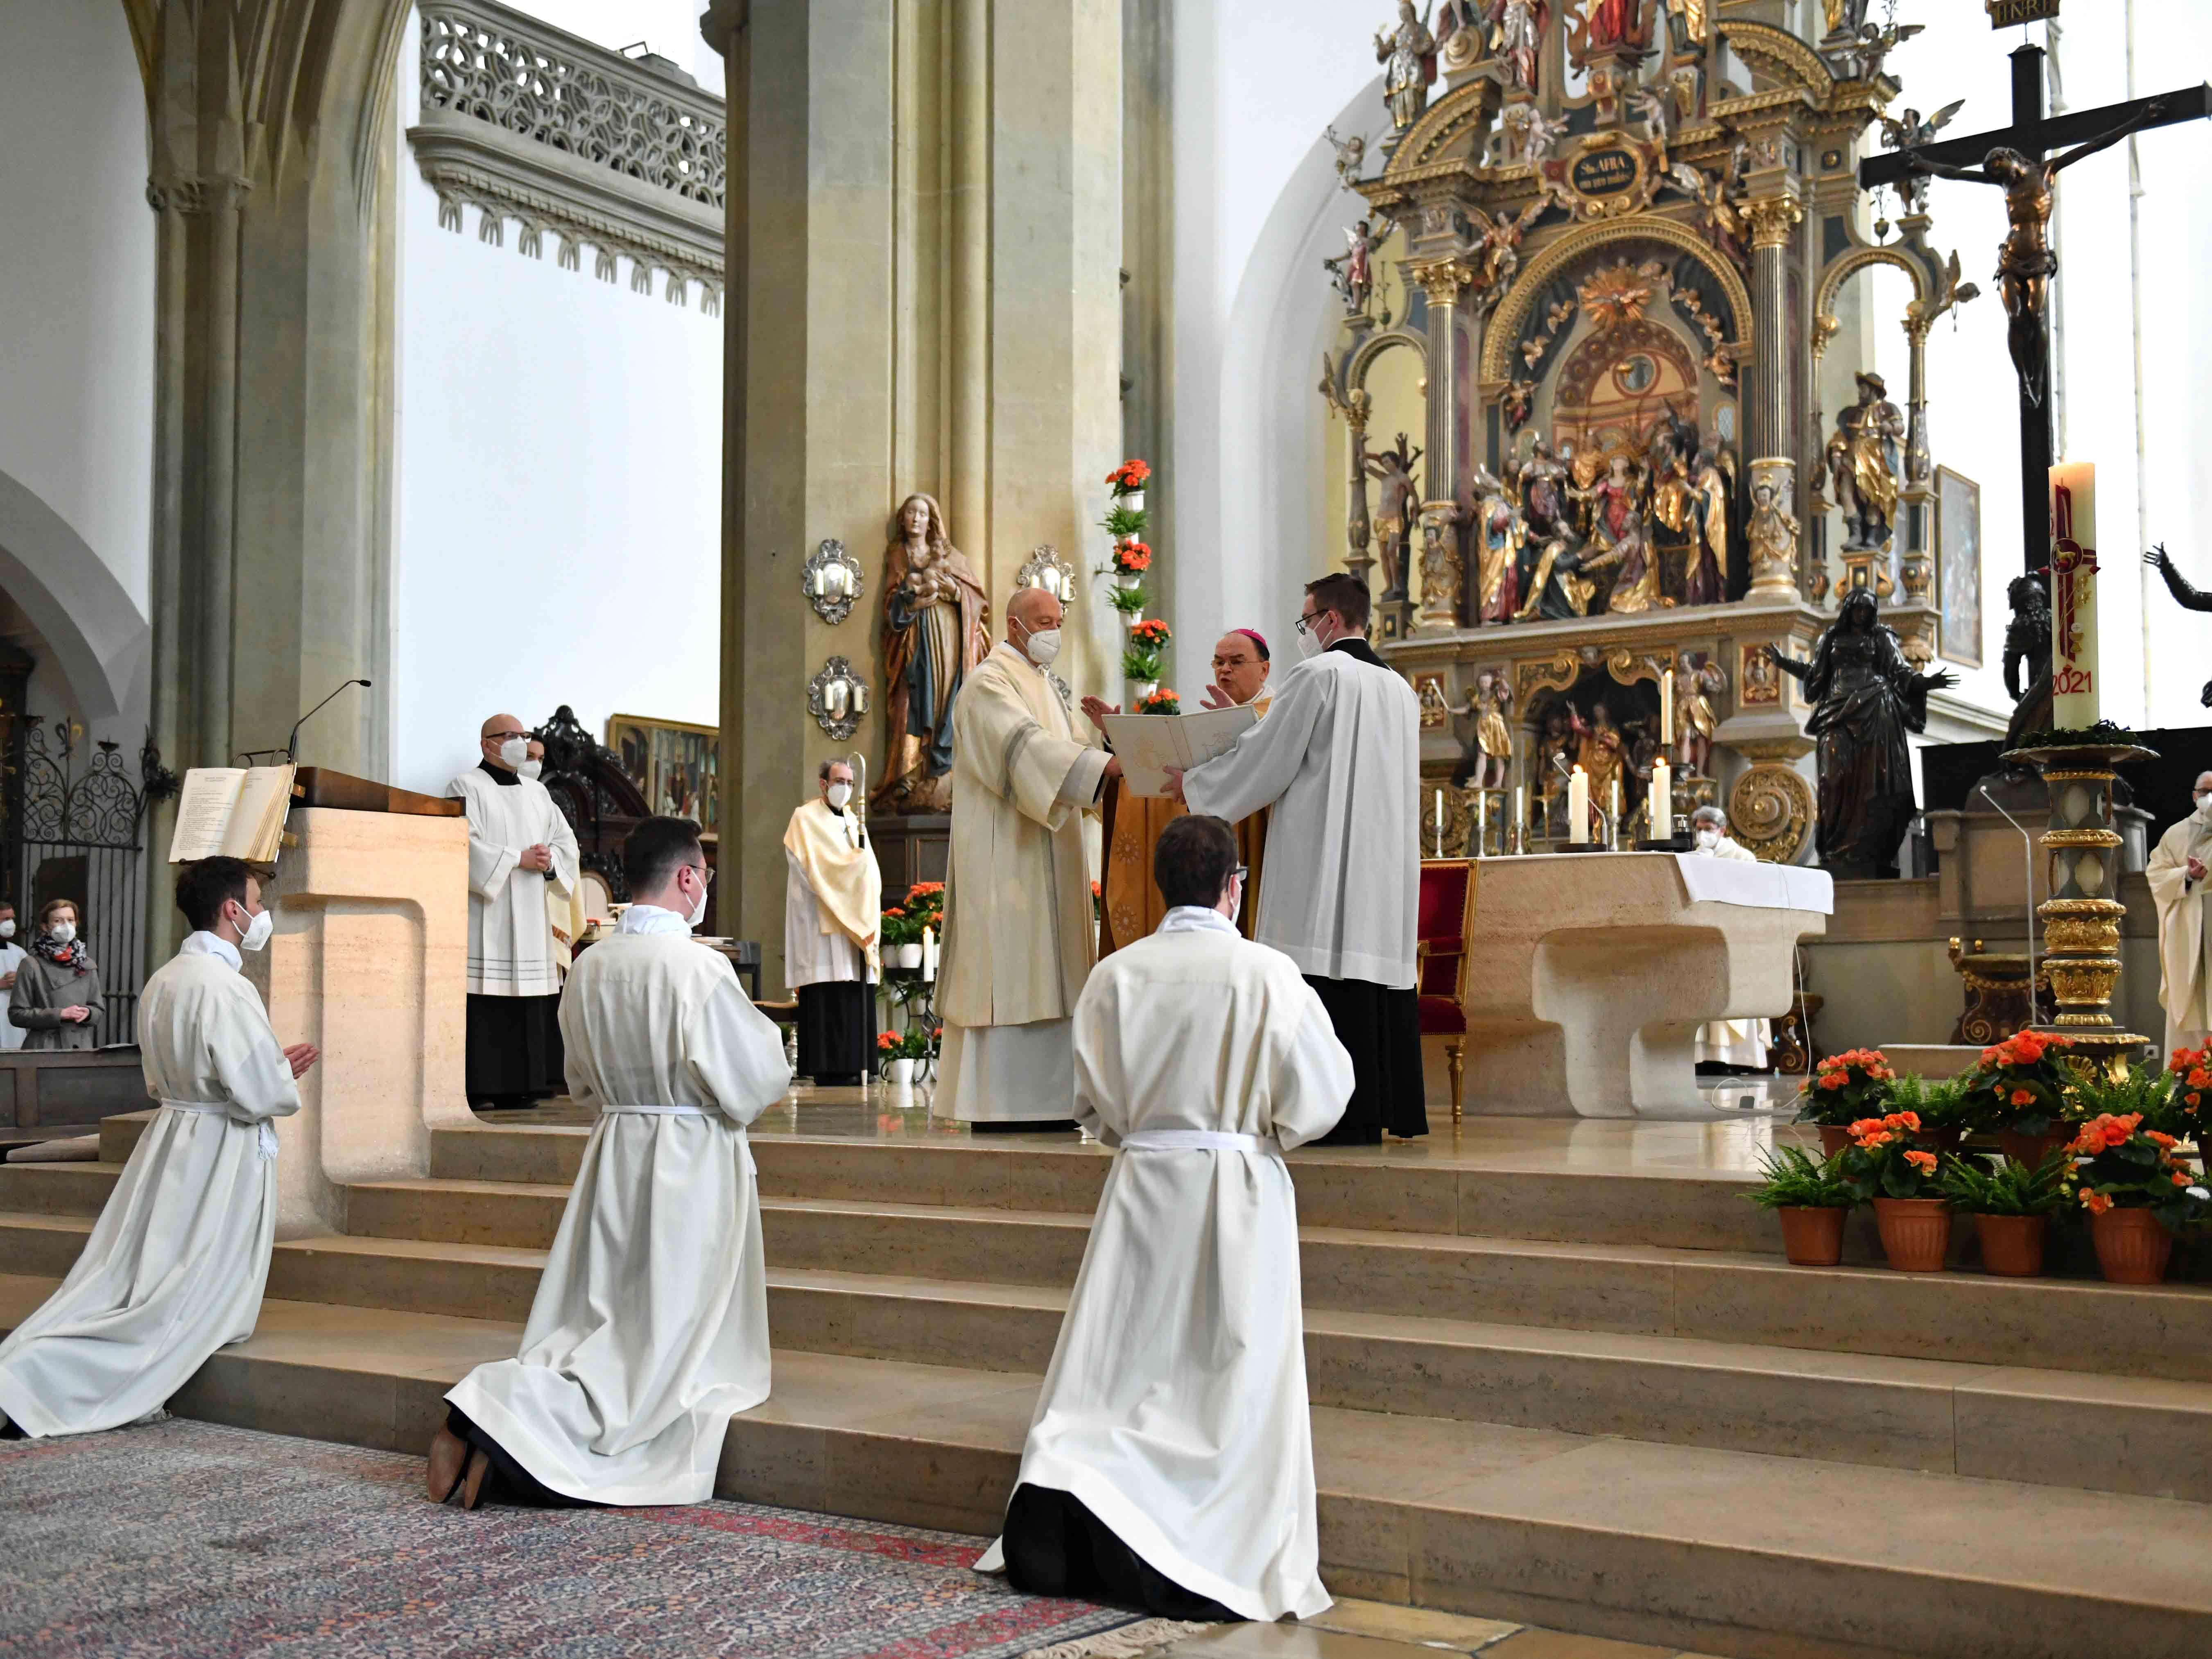 Durch das Weihegebet bittet der Bischof, dass Gott seinen Geist auf die Diakone herabsenden möge. (Fotos: Nicolas Schnall / pba)